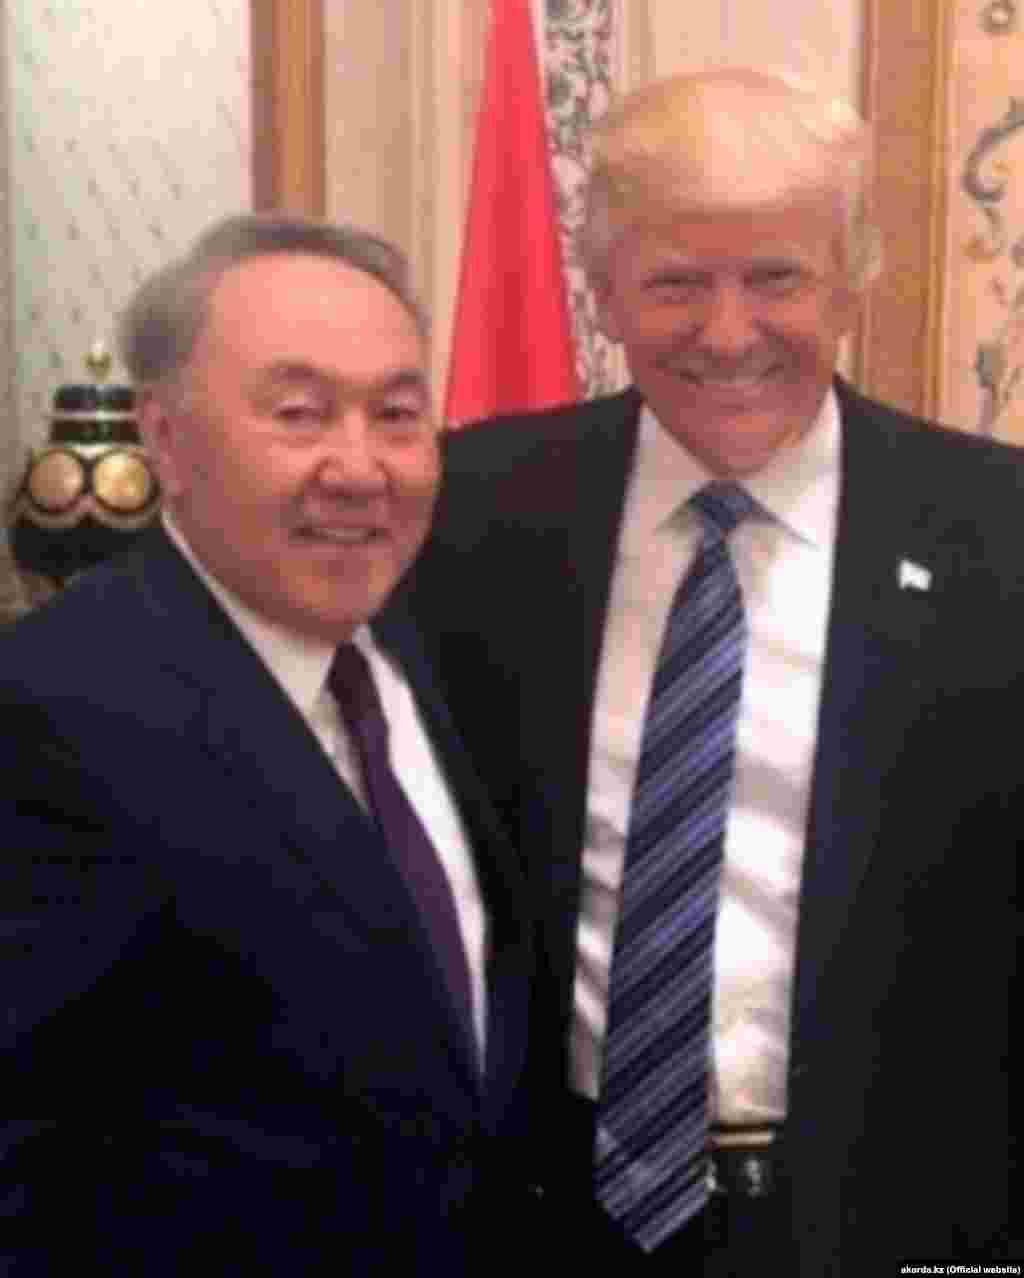 Встреча Дональда Трампа с Нурсултаном Назарбаевым будет второй с момента вступления в должность 45-го президента США. Первая состоялась в Эр-Рияде в мае прошлого года на полях саммита арабских государств.